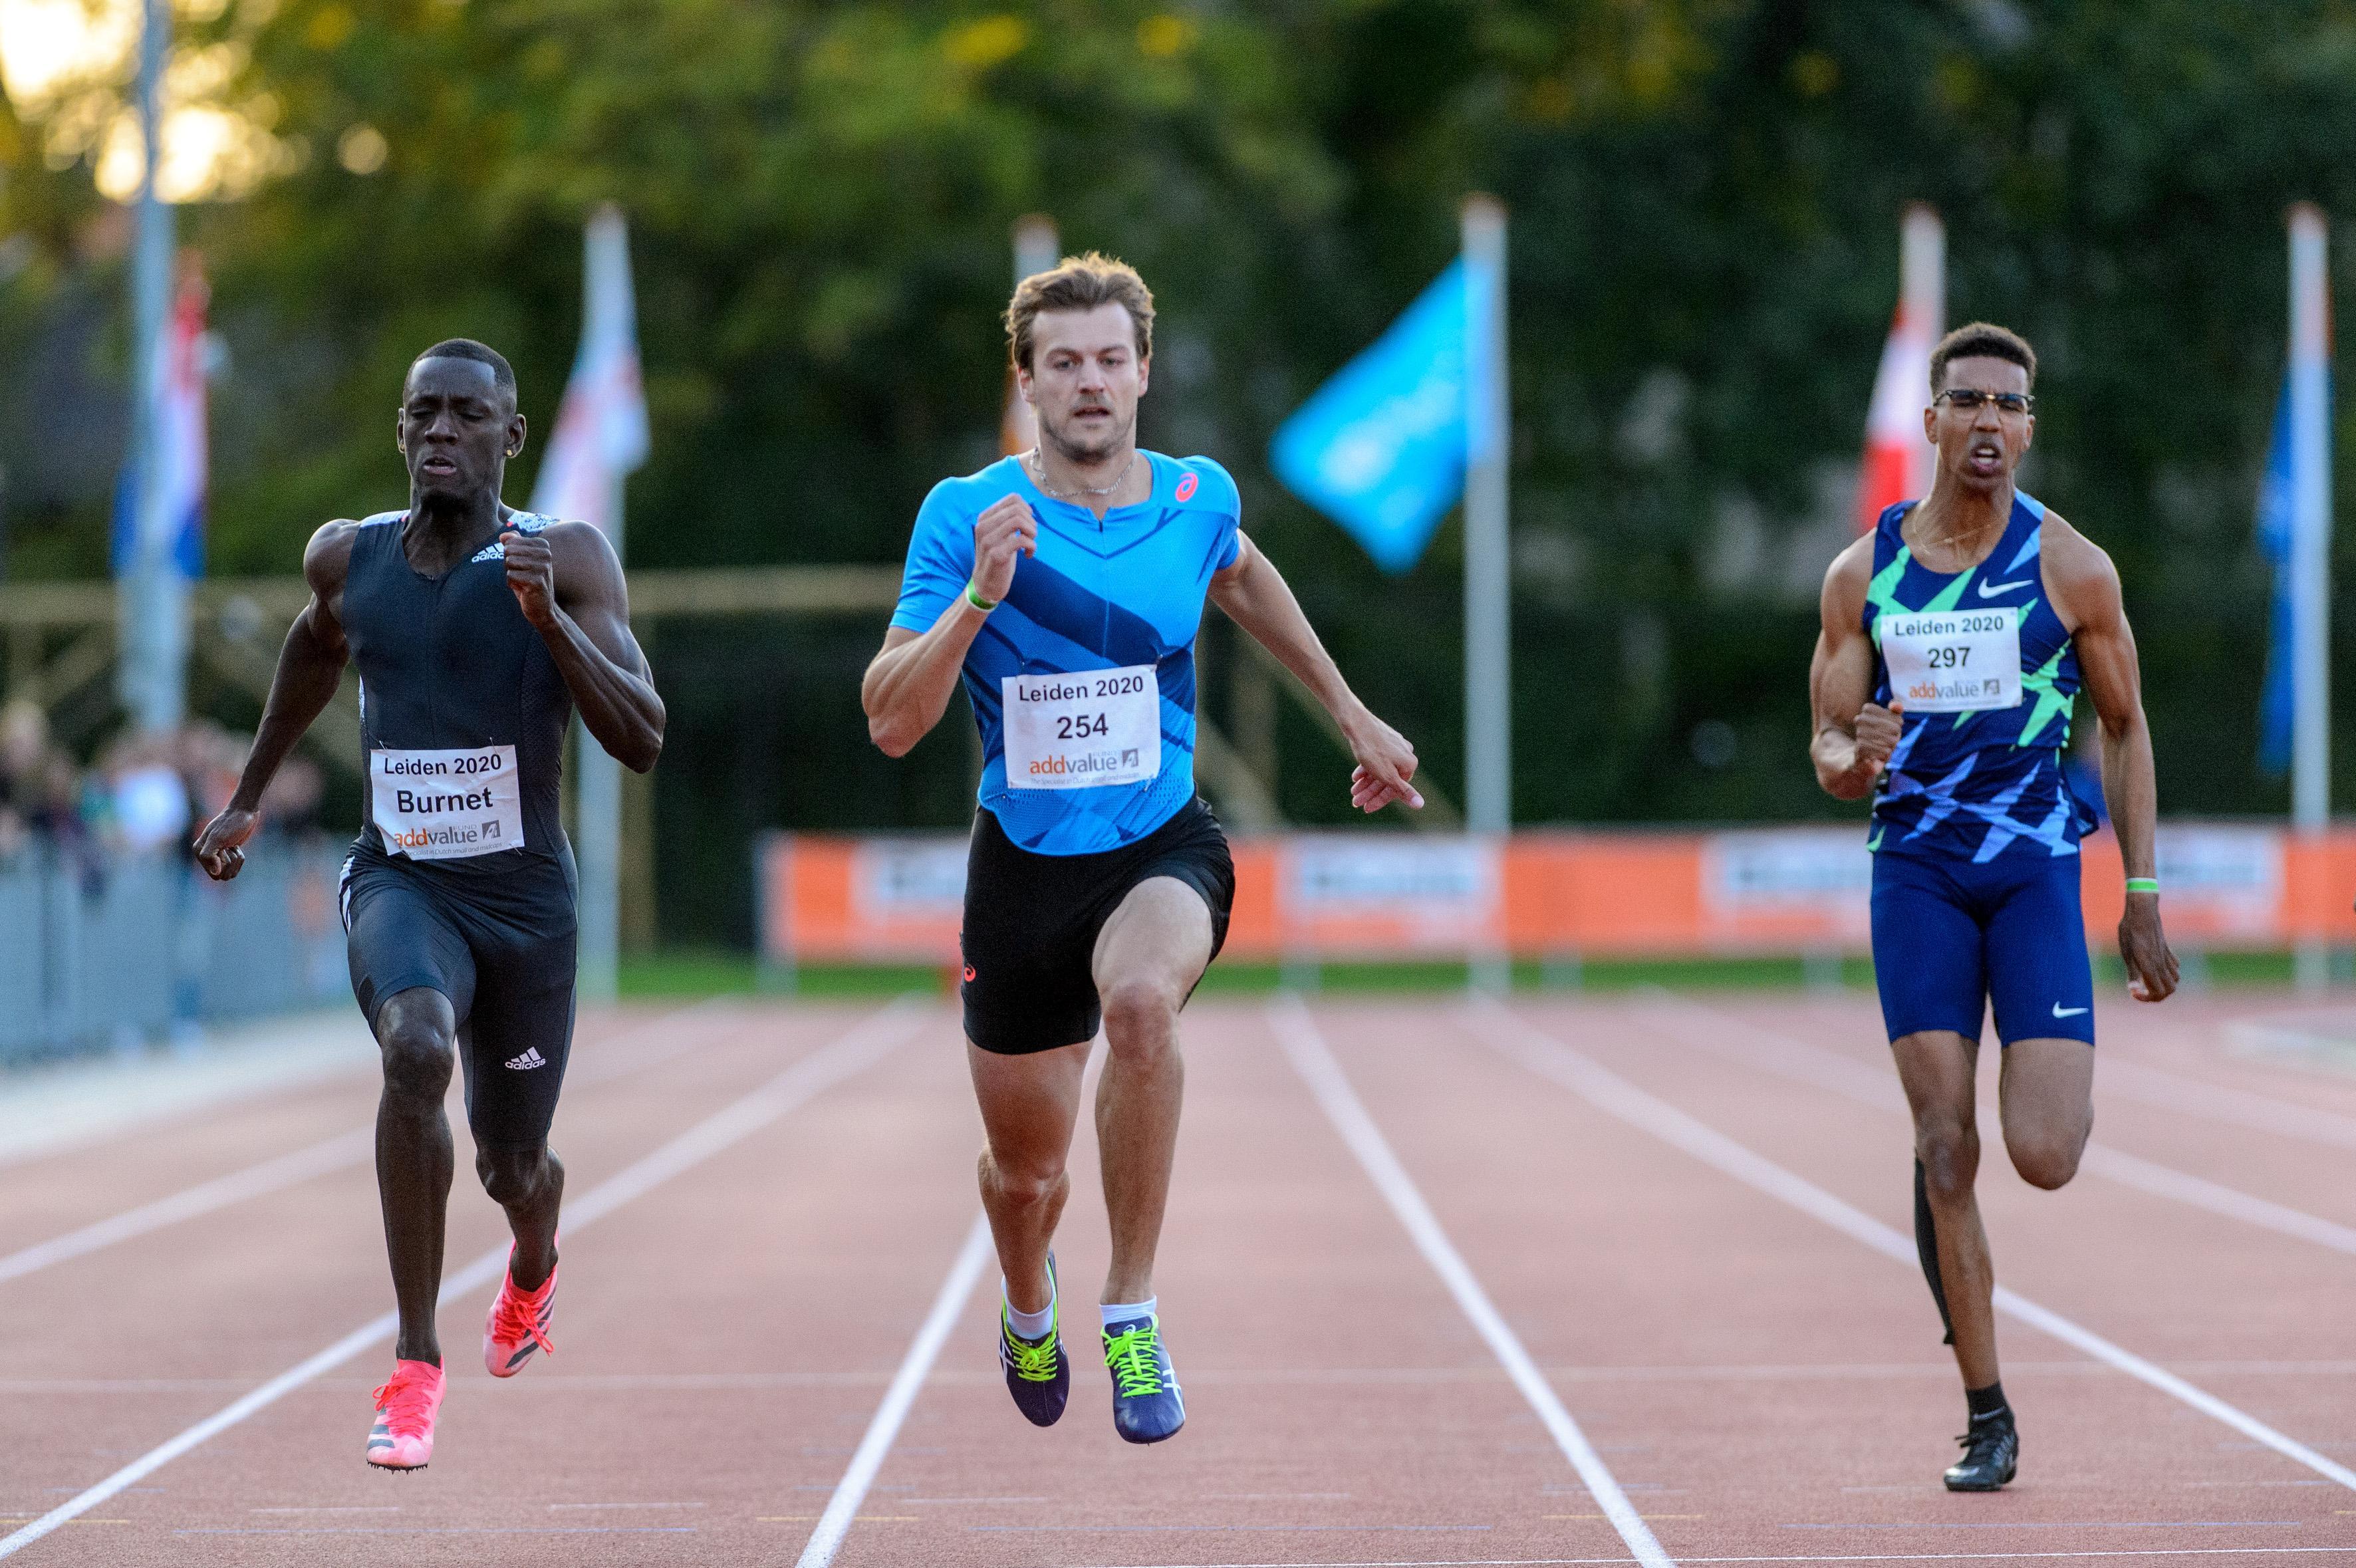 Hoog bezoek bij de Gouden Spike. Christophe Lemaitre en Dafne, sprintkanonnen van wereldklasse, maken in Leiden hun status waar [video]